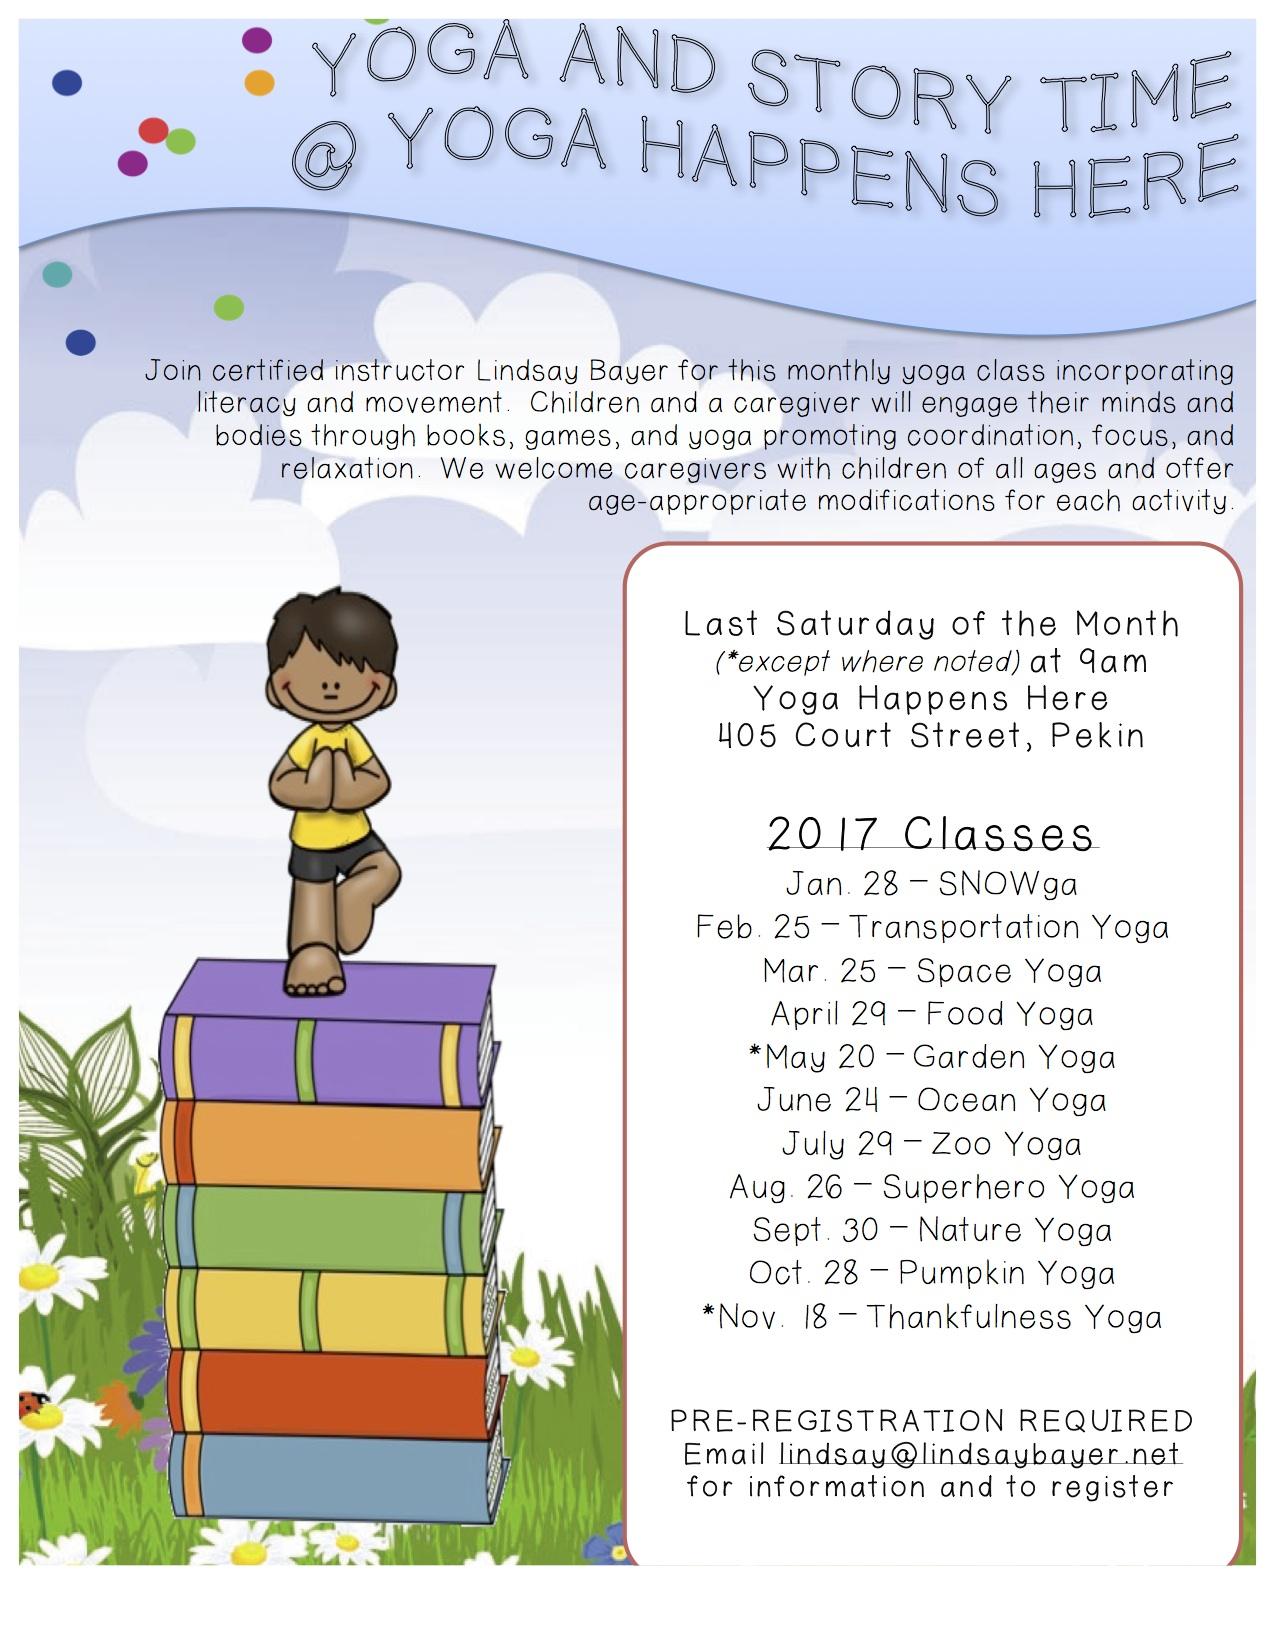 Pekin, IL classes for 2017